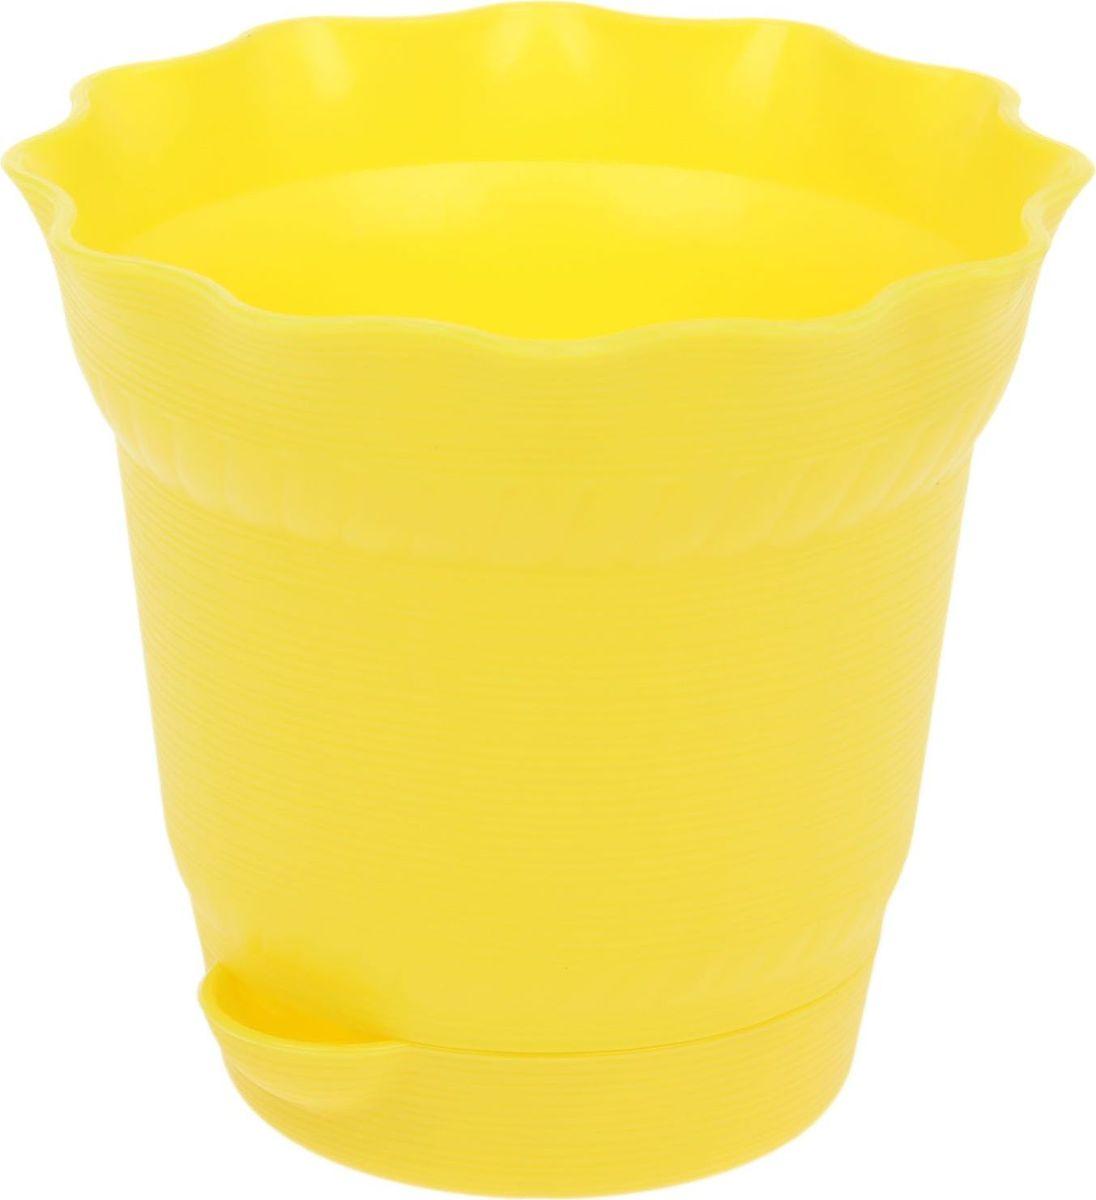 Горшок для цветов ТЕК.А.ТЕК Aquarelle, с поддоном, цвет: желтый, 1 л1411762Любой, даже самый современный и продуманный интерьер будет не завершённым без растений. Они не только очищают воздух и насыщают его кислородом, но и заметно украшают окружающее пространство. Такому полезному &laquo члену семьи&raquoпросто необходимо красивое и функциональное кашпо, оригинальный горшок или необычная ваза! Мы предлагаем - Горшок для цветов 1 л с поддоном Aquarelle, d=14 см, цвет жёлтый!Оптимальный выбор материала &mdash &nbsp пластмасса! Почему мы так считаем? Малый вес. С лёгкостью переносите горшки и кашпо с места на место, ставьте их на столики или полки, подвешивайте под потолок, не беспокоясь о нагрузке. Простота ухода. Пластиковые изделия не нуждаются в специальных условиях хранения. Их&nbsp легко чистить &mdashдостаточно просто сполоснуть тёплой водой. Никаких царапин. Пластиковые кашпо не царапают и не загрязняют поверхности, на которых стоят. Пластик дольше хранит влагу, а значит &mdashрастение реже нуждается в поливе. Пластмасса не пропускает воздух &mdashкорневой системе растения не грозят резкие перепады температур. Огромный выбор форм, декора и расцветок &mdashвы без труда подберёте что-то, что идеально впишется в уже существующий интерьер.Соблюдая нехитрые правила ухода, вы можете заметно продлить срок службы горшков, вазонов и кашпо из пластика: всегда учитывайте размер кроны и корневой системы растения (при разрастании большое растение способно повредить маленький горшок)берегите изделие от воздействия прямых солнечных лучей, чтобы кашпо и горшки не выцветалидержите кашпо и горшки из пластика подальше от нагревающихся поверхностей.Создавайте прекрасные цветочные композиции, выращивайте рассаду или необычные растения, а низкие цены позволят вам не ограничивать себя в выборе.